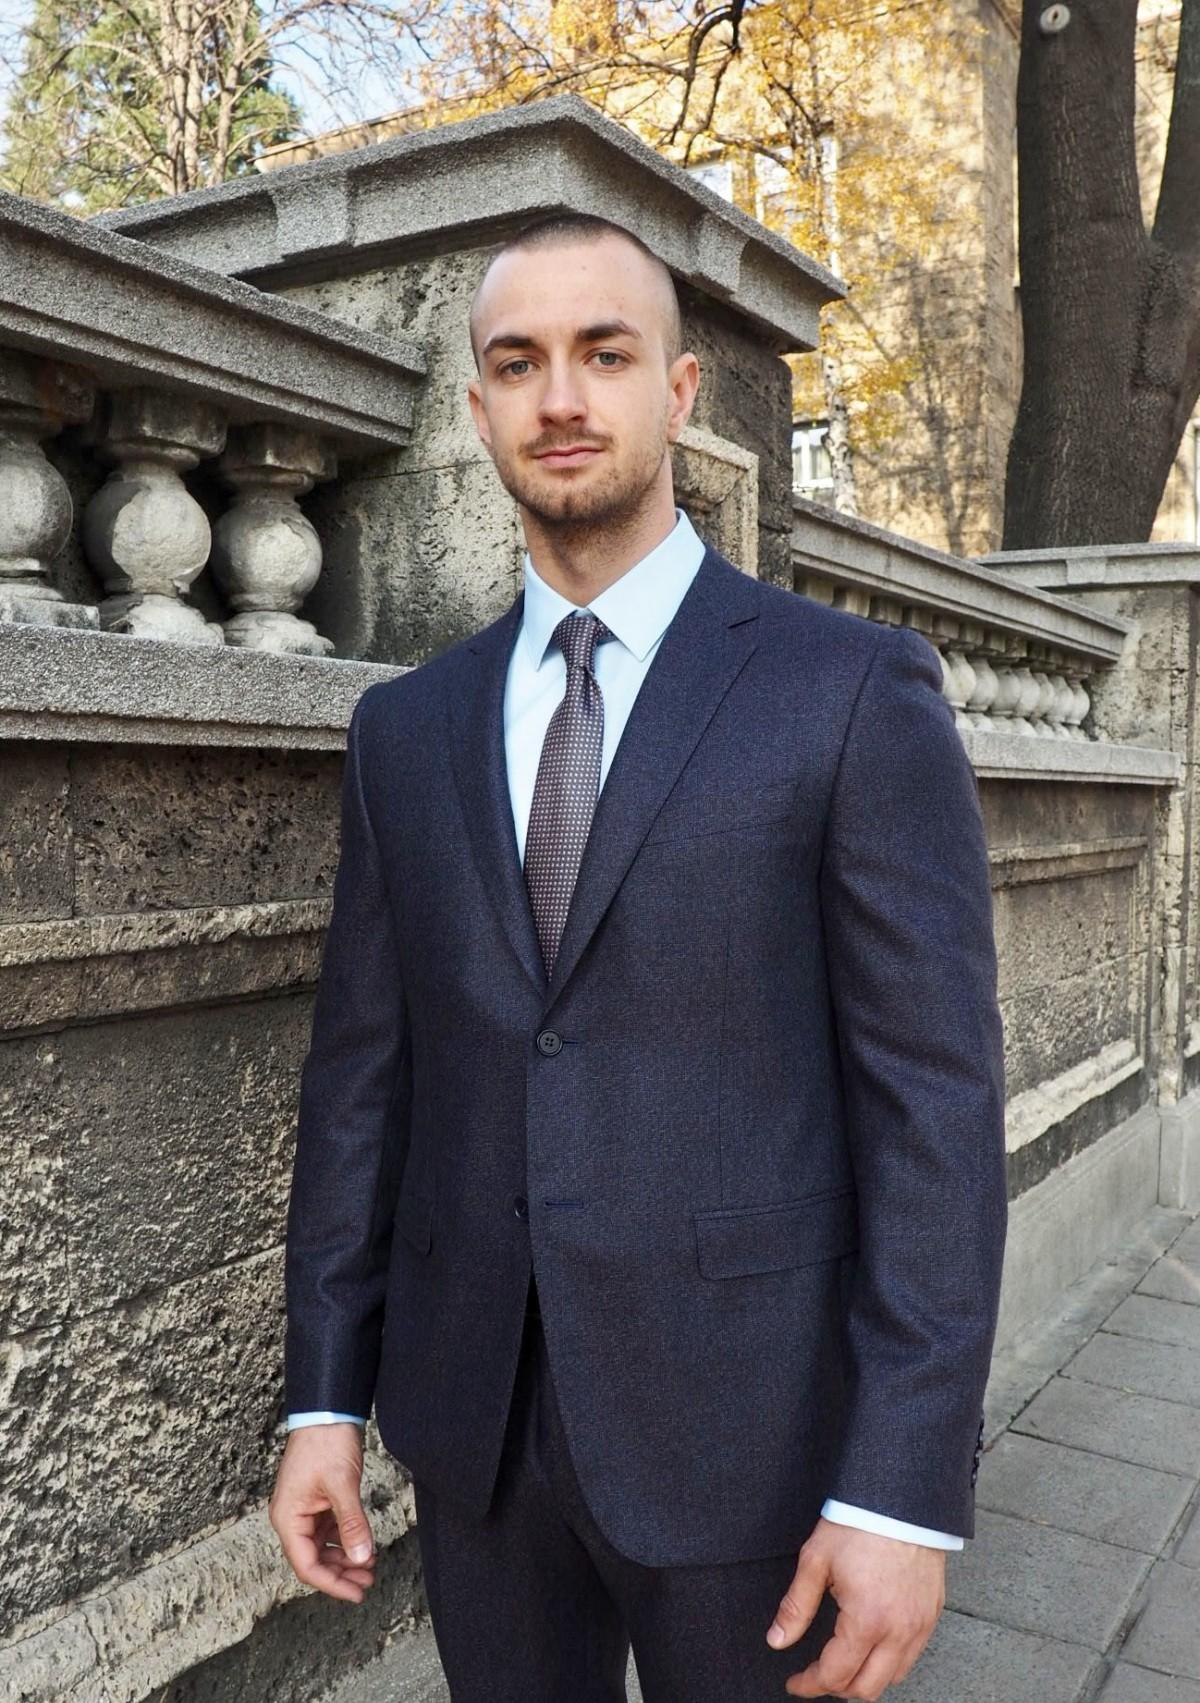 """Представяме ви Цветомир Цветков - """"Младши юрист"""" в компанията"""